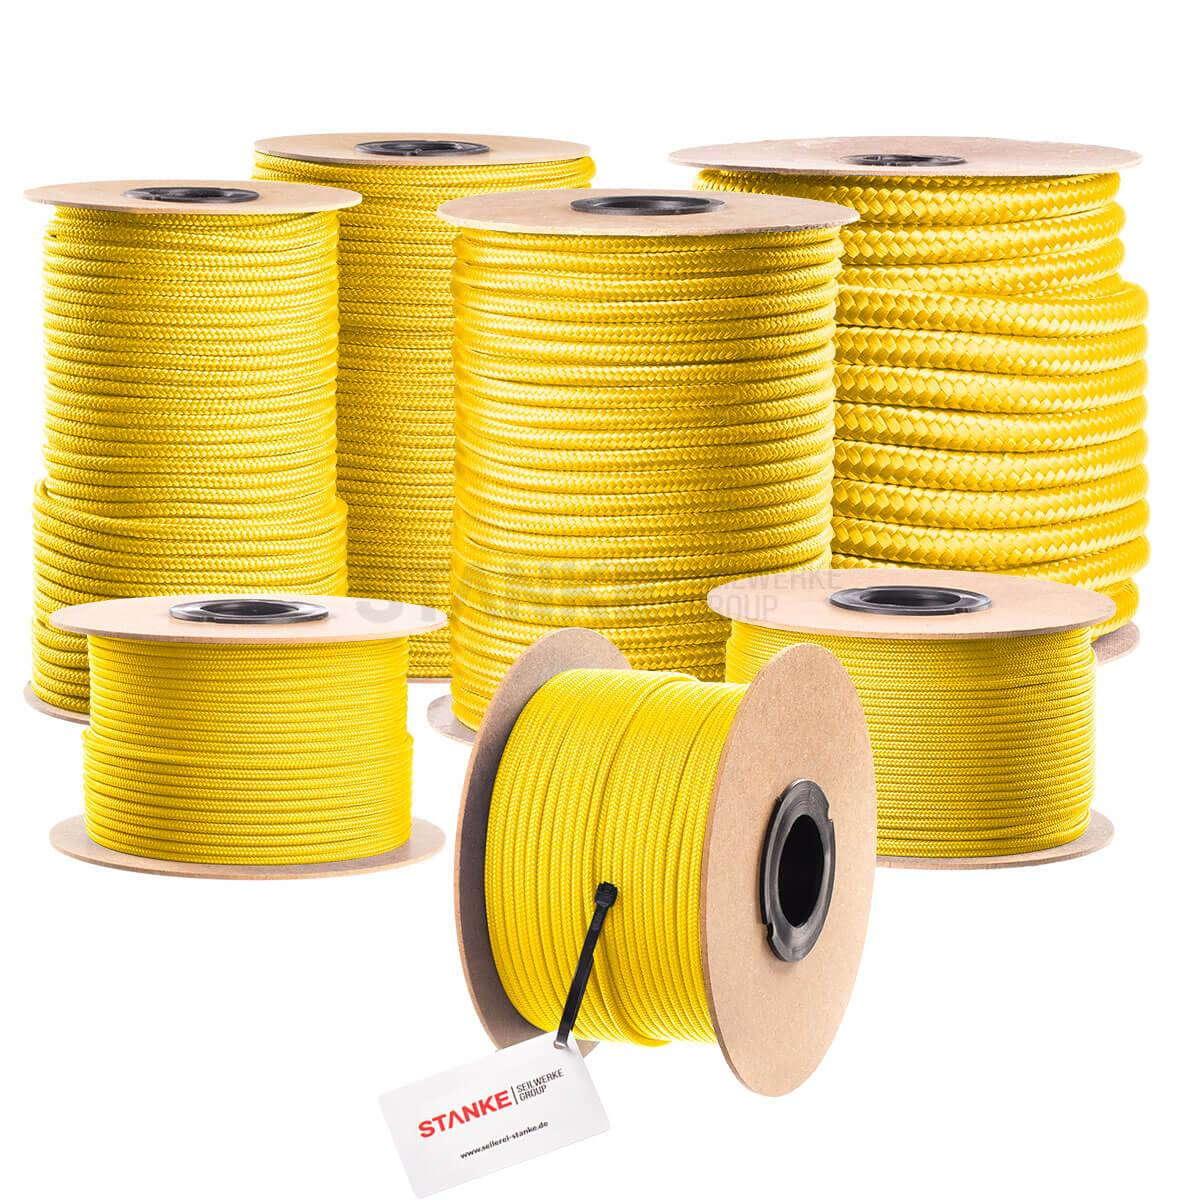 Lina bawełniana, jutowa czy polipropylenowa – najczęściej wybierane sznurki i liny oraz ich zastosowanie 3